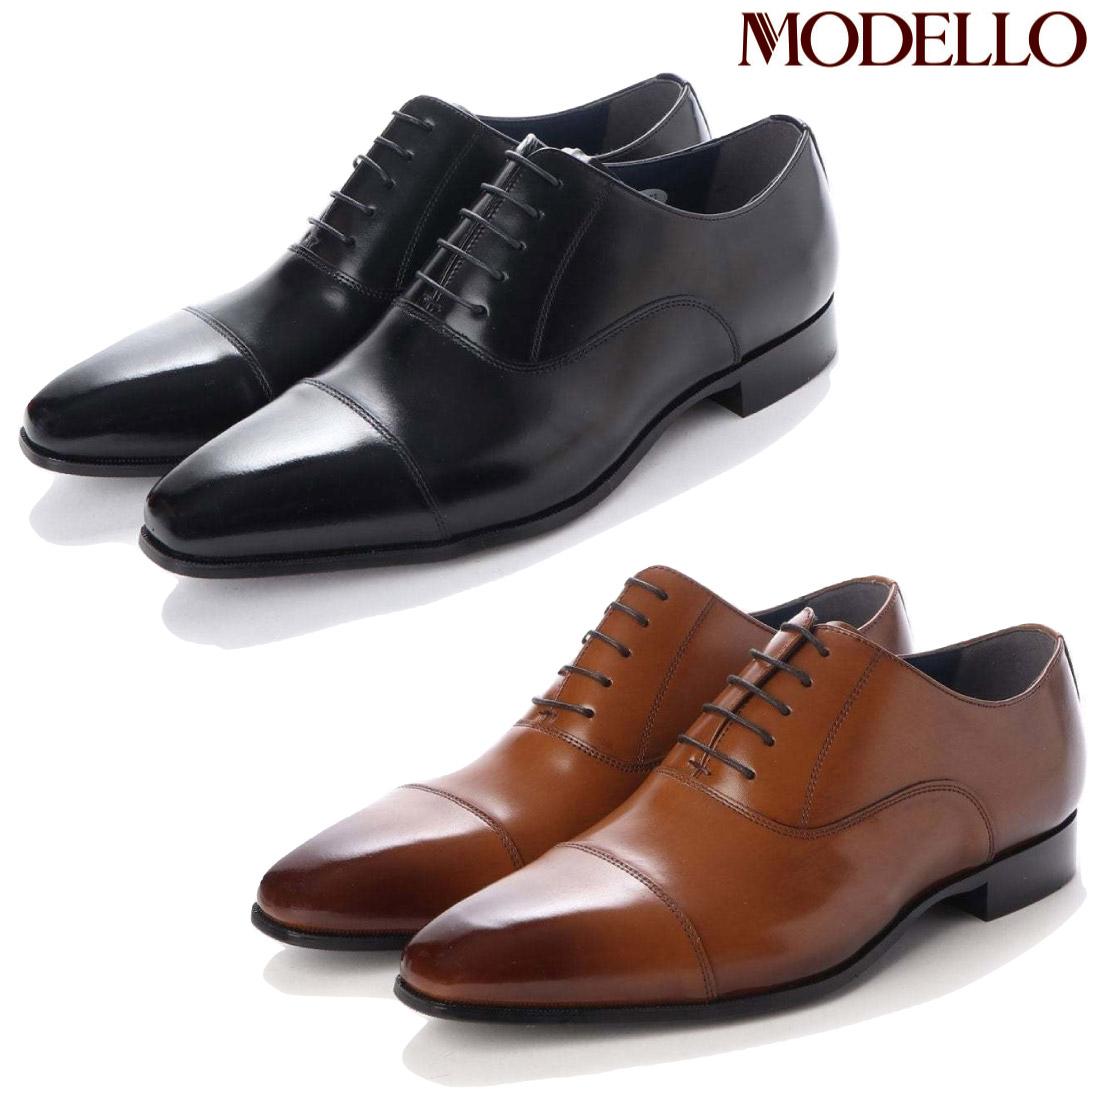 madras MODELLO マドラス モデロ ストレートチップ ビジネス シューズ DM9701 【nesh】 【新品】